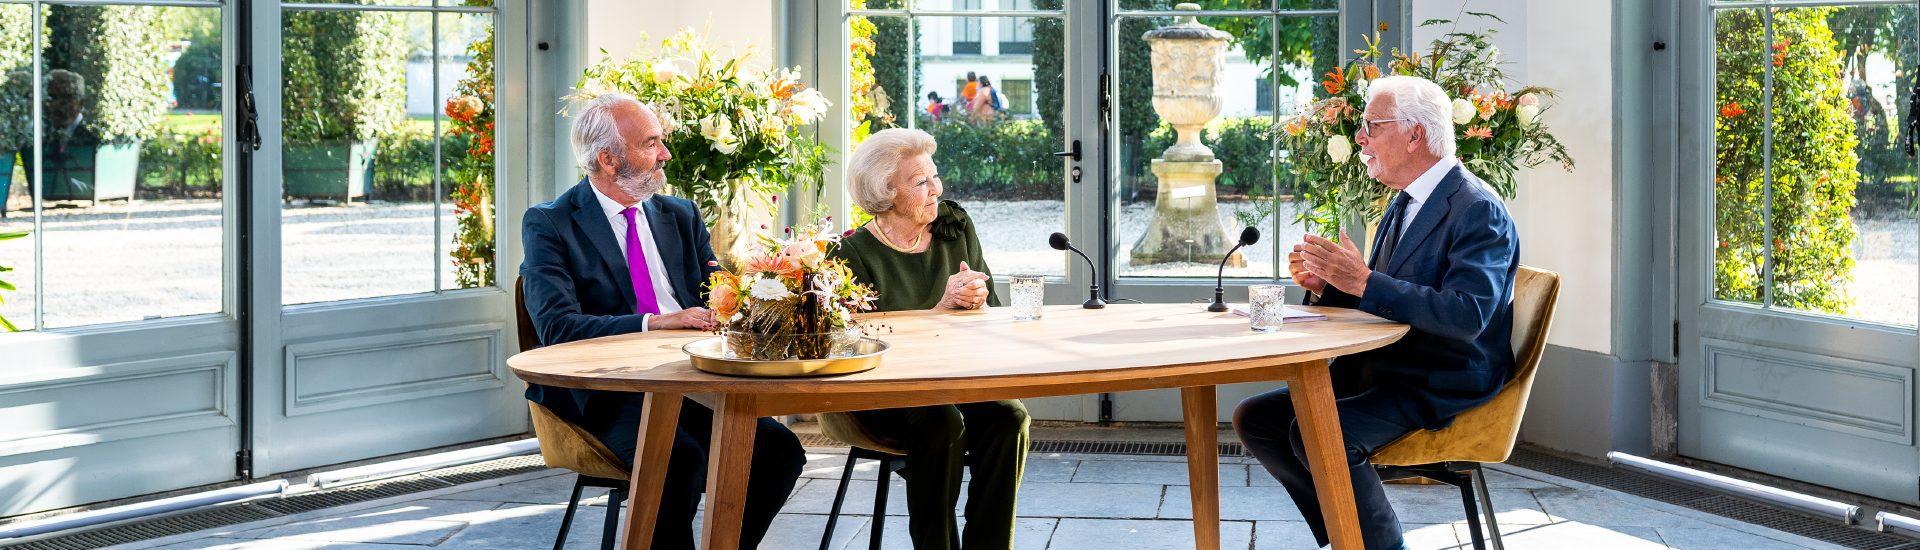 Prinses Beatrix spreekt met Jan Slagter ter gelegenheid van ons 65-jarig jubileum